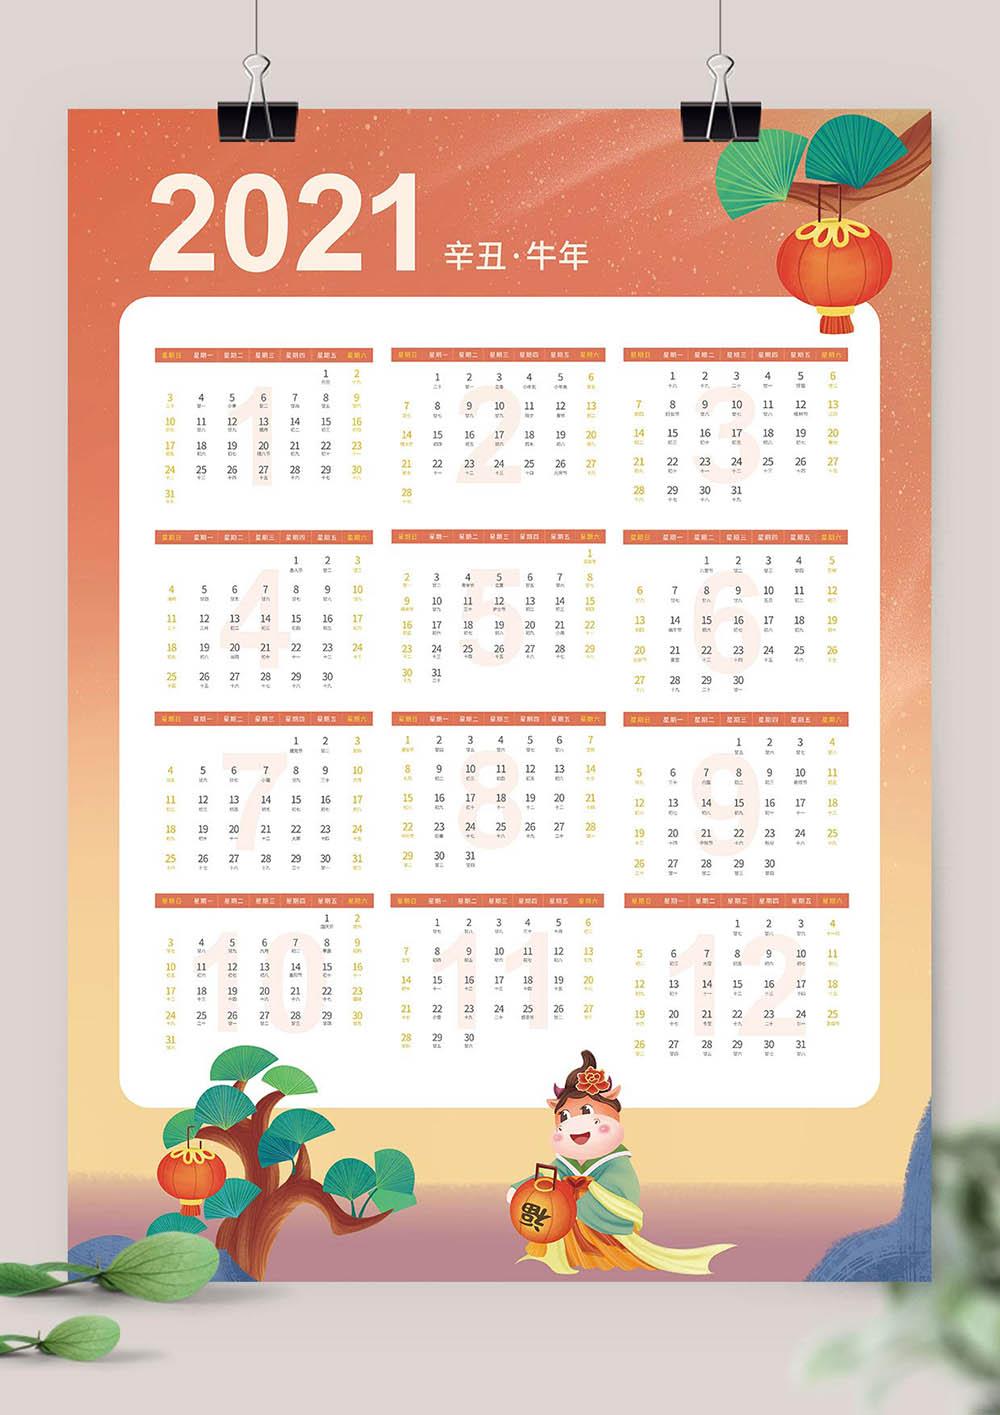 2021年牛年新年喜庆年历模板